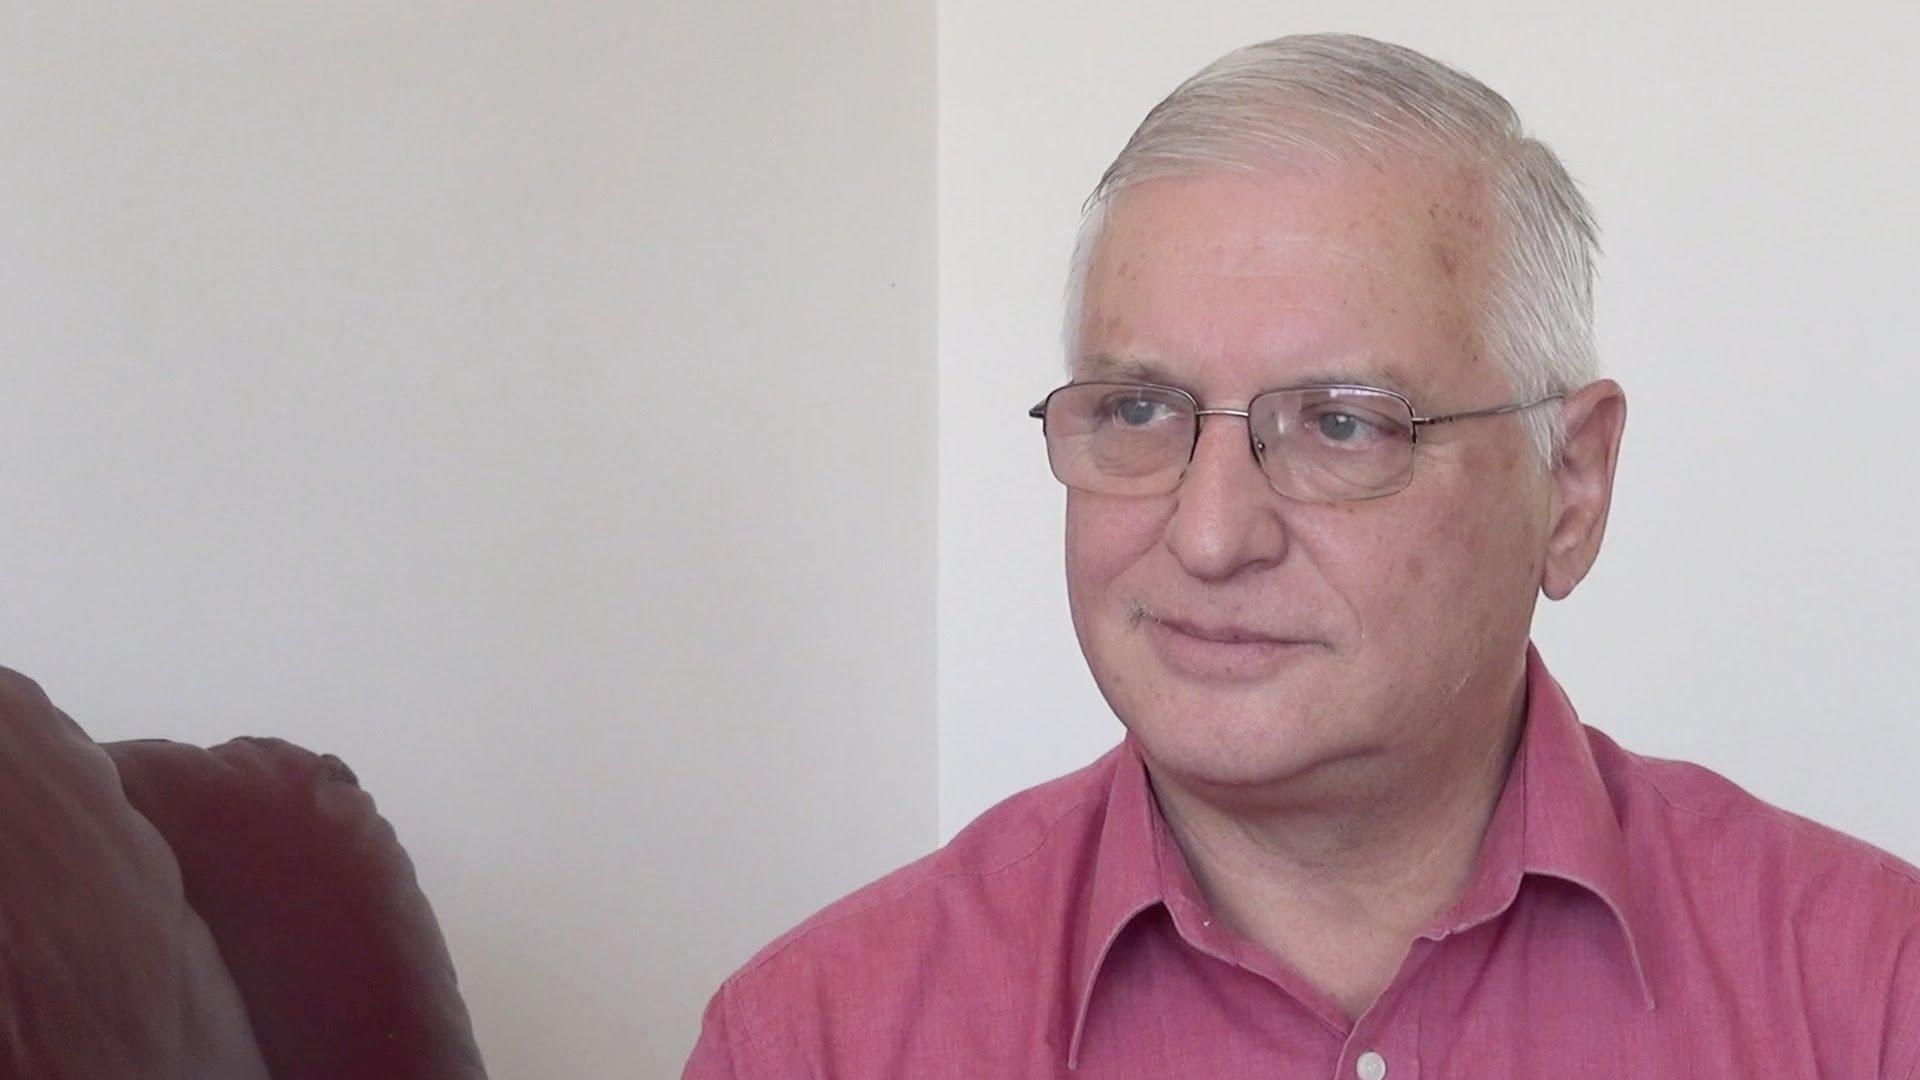 Docteur Gérard Delépine : en France, le système mafieux de la santé est vraiment dramatique